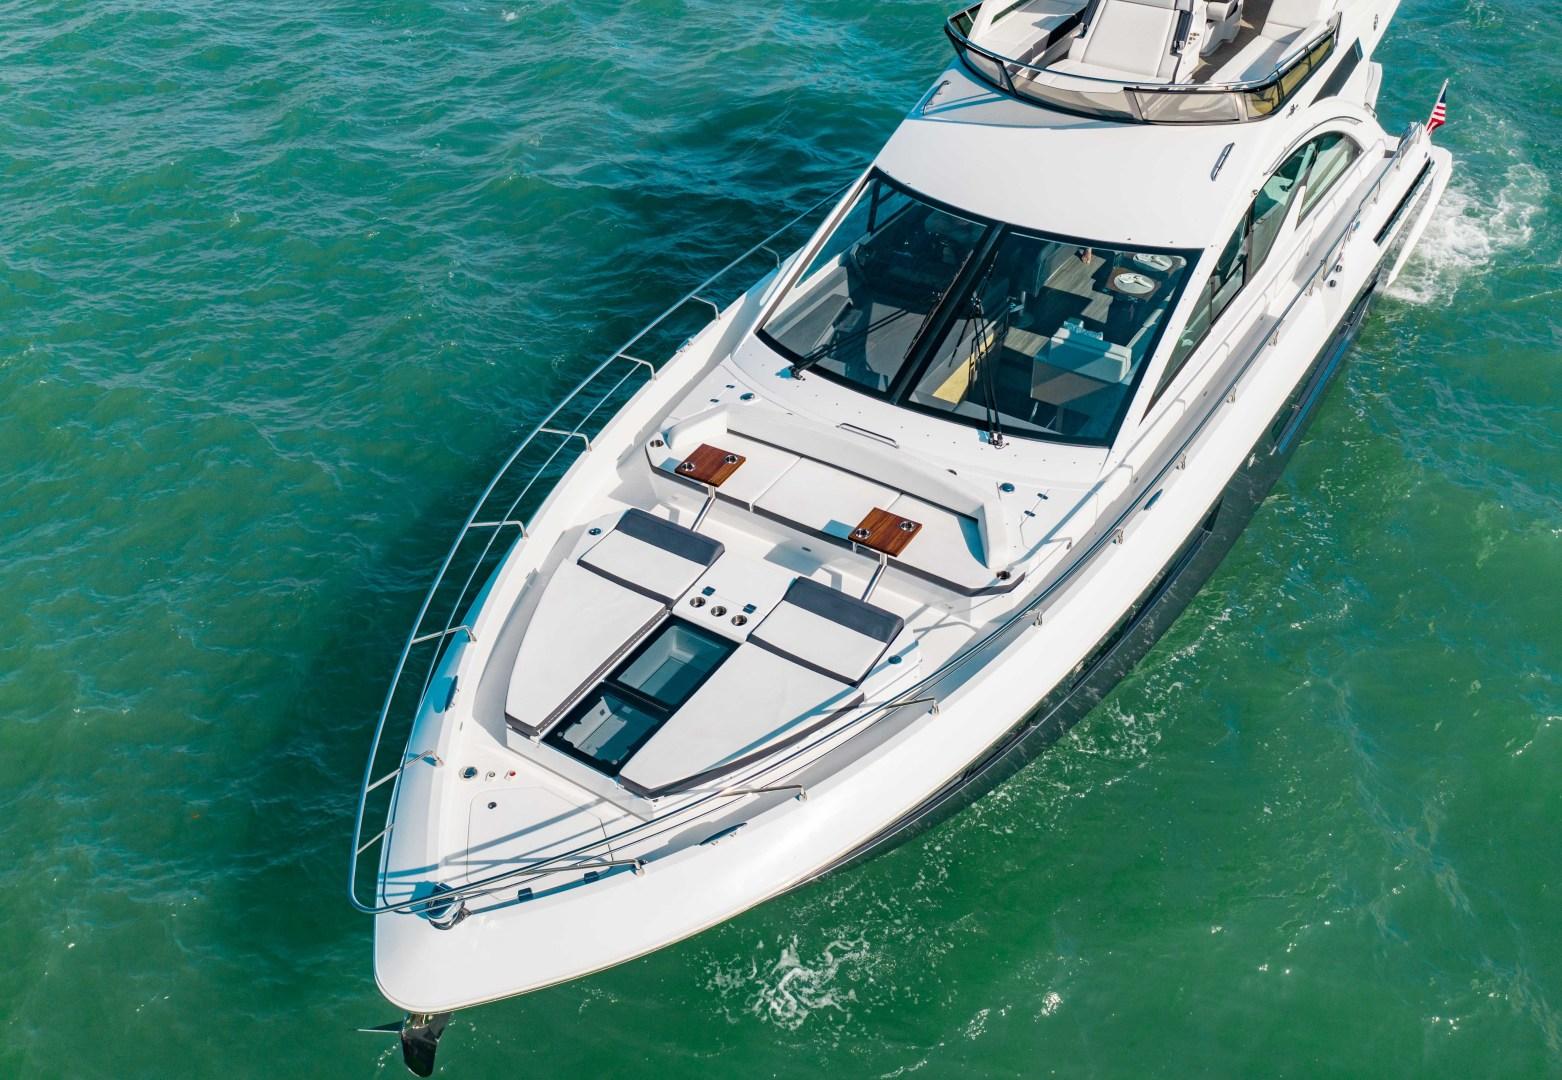 Cruisers-60 Cantius 2018-Sea Rhythm III Anna Maria-Florida-United States-2018 Cruisers 60 Cantius FB  Sea Rhythm III  Bow Profile-1583321 | Thumbnail